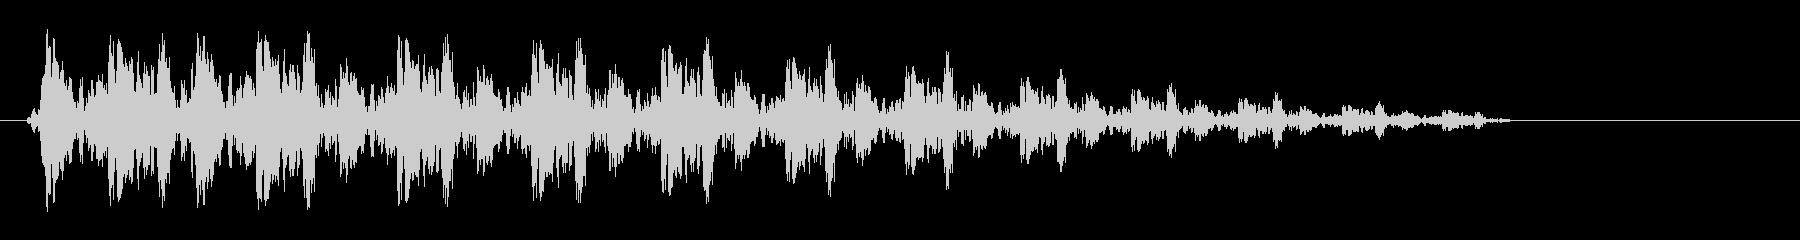 キュルルルン(宇宙を加速するバネ音)の未再生の波形